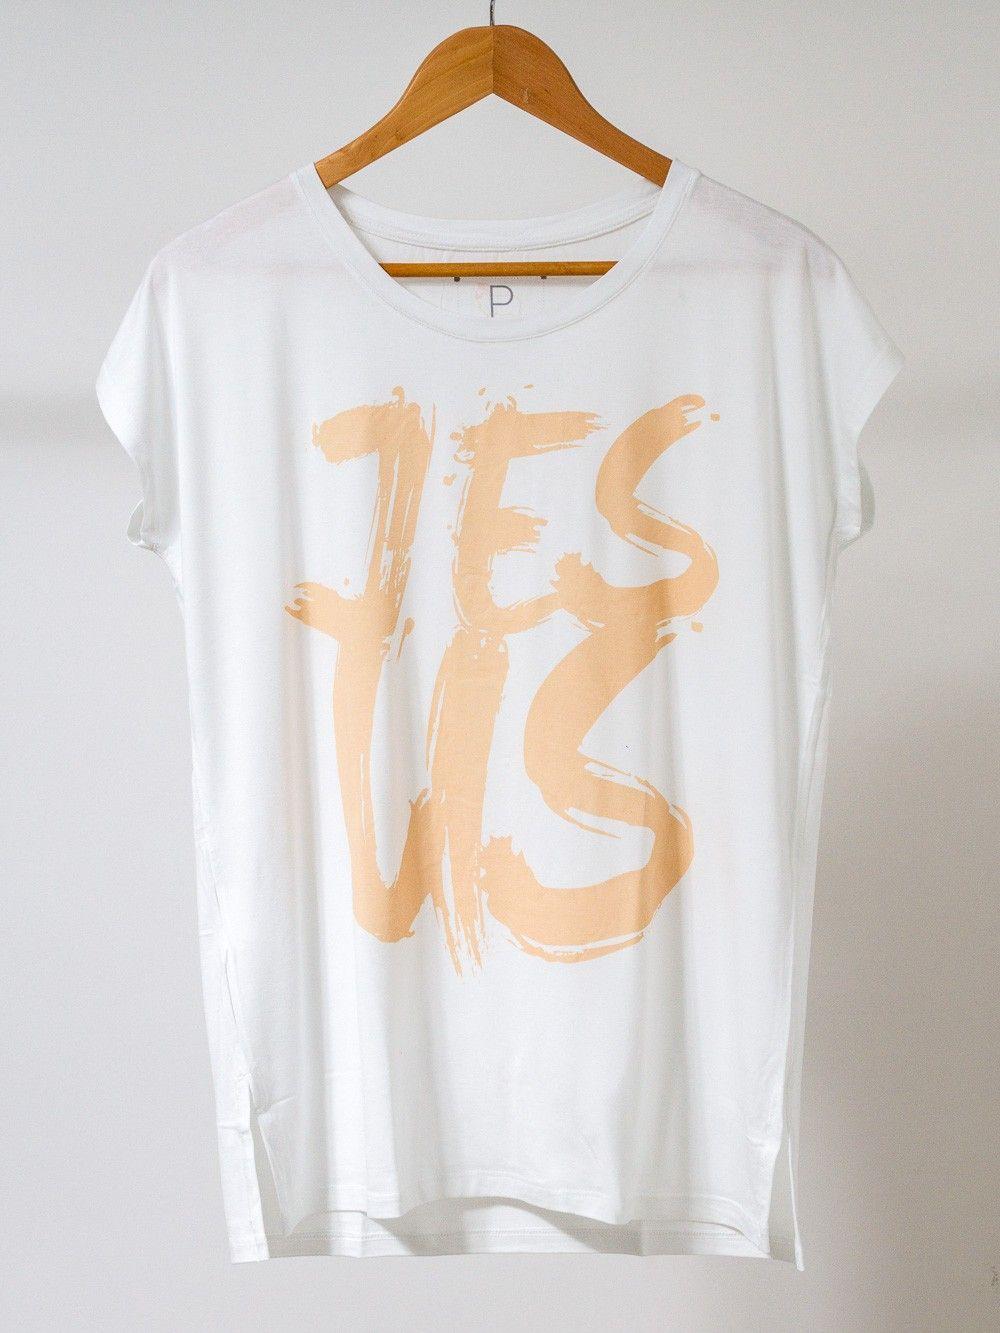 ae2d99ad1 Camiseta gospel feminina - Jesus